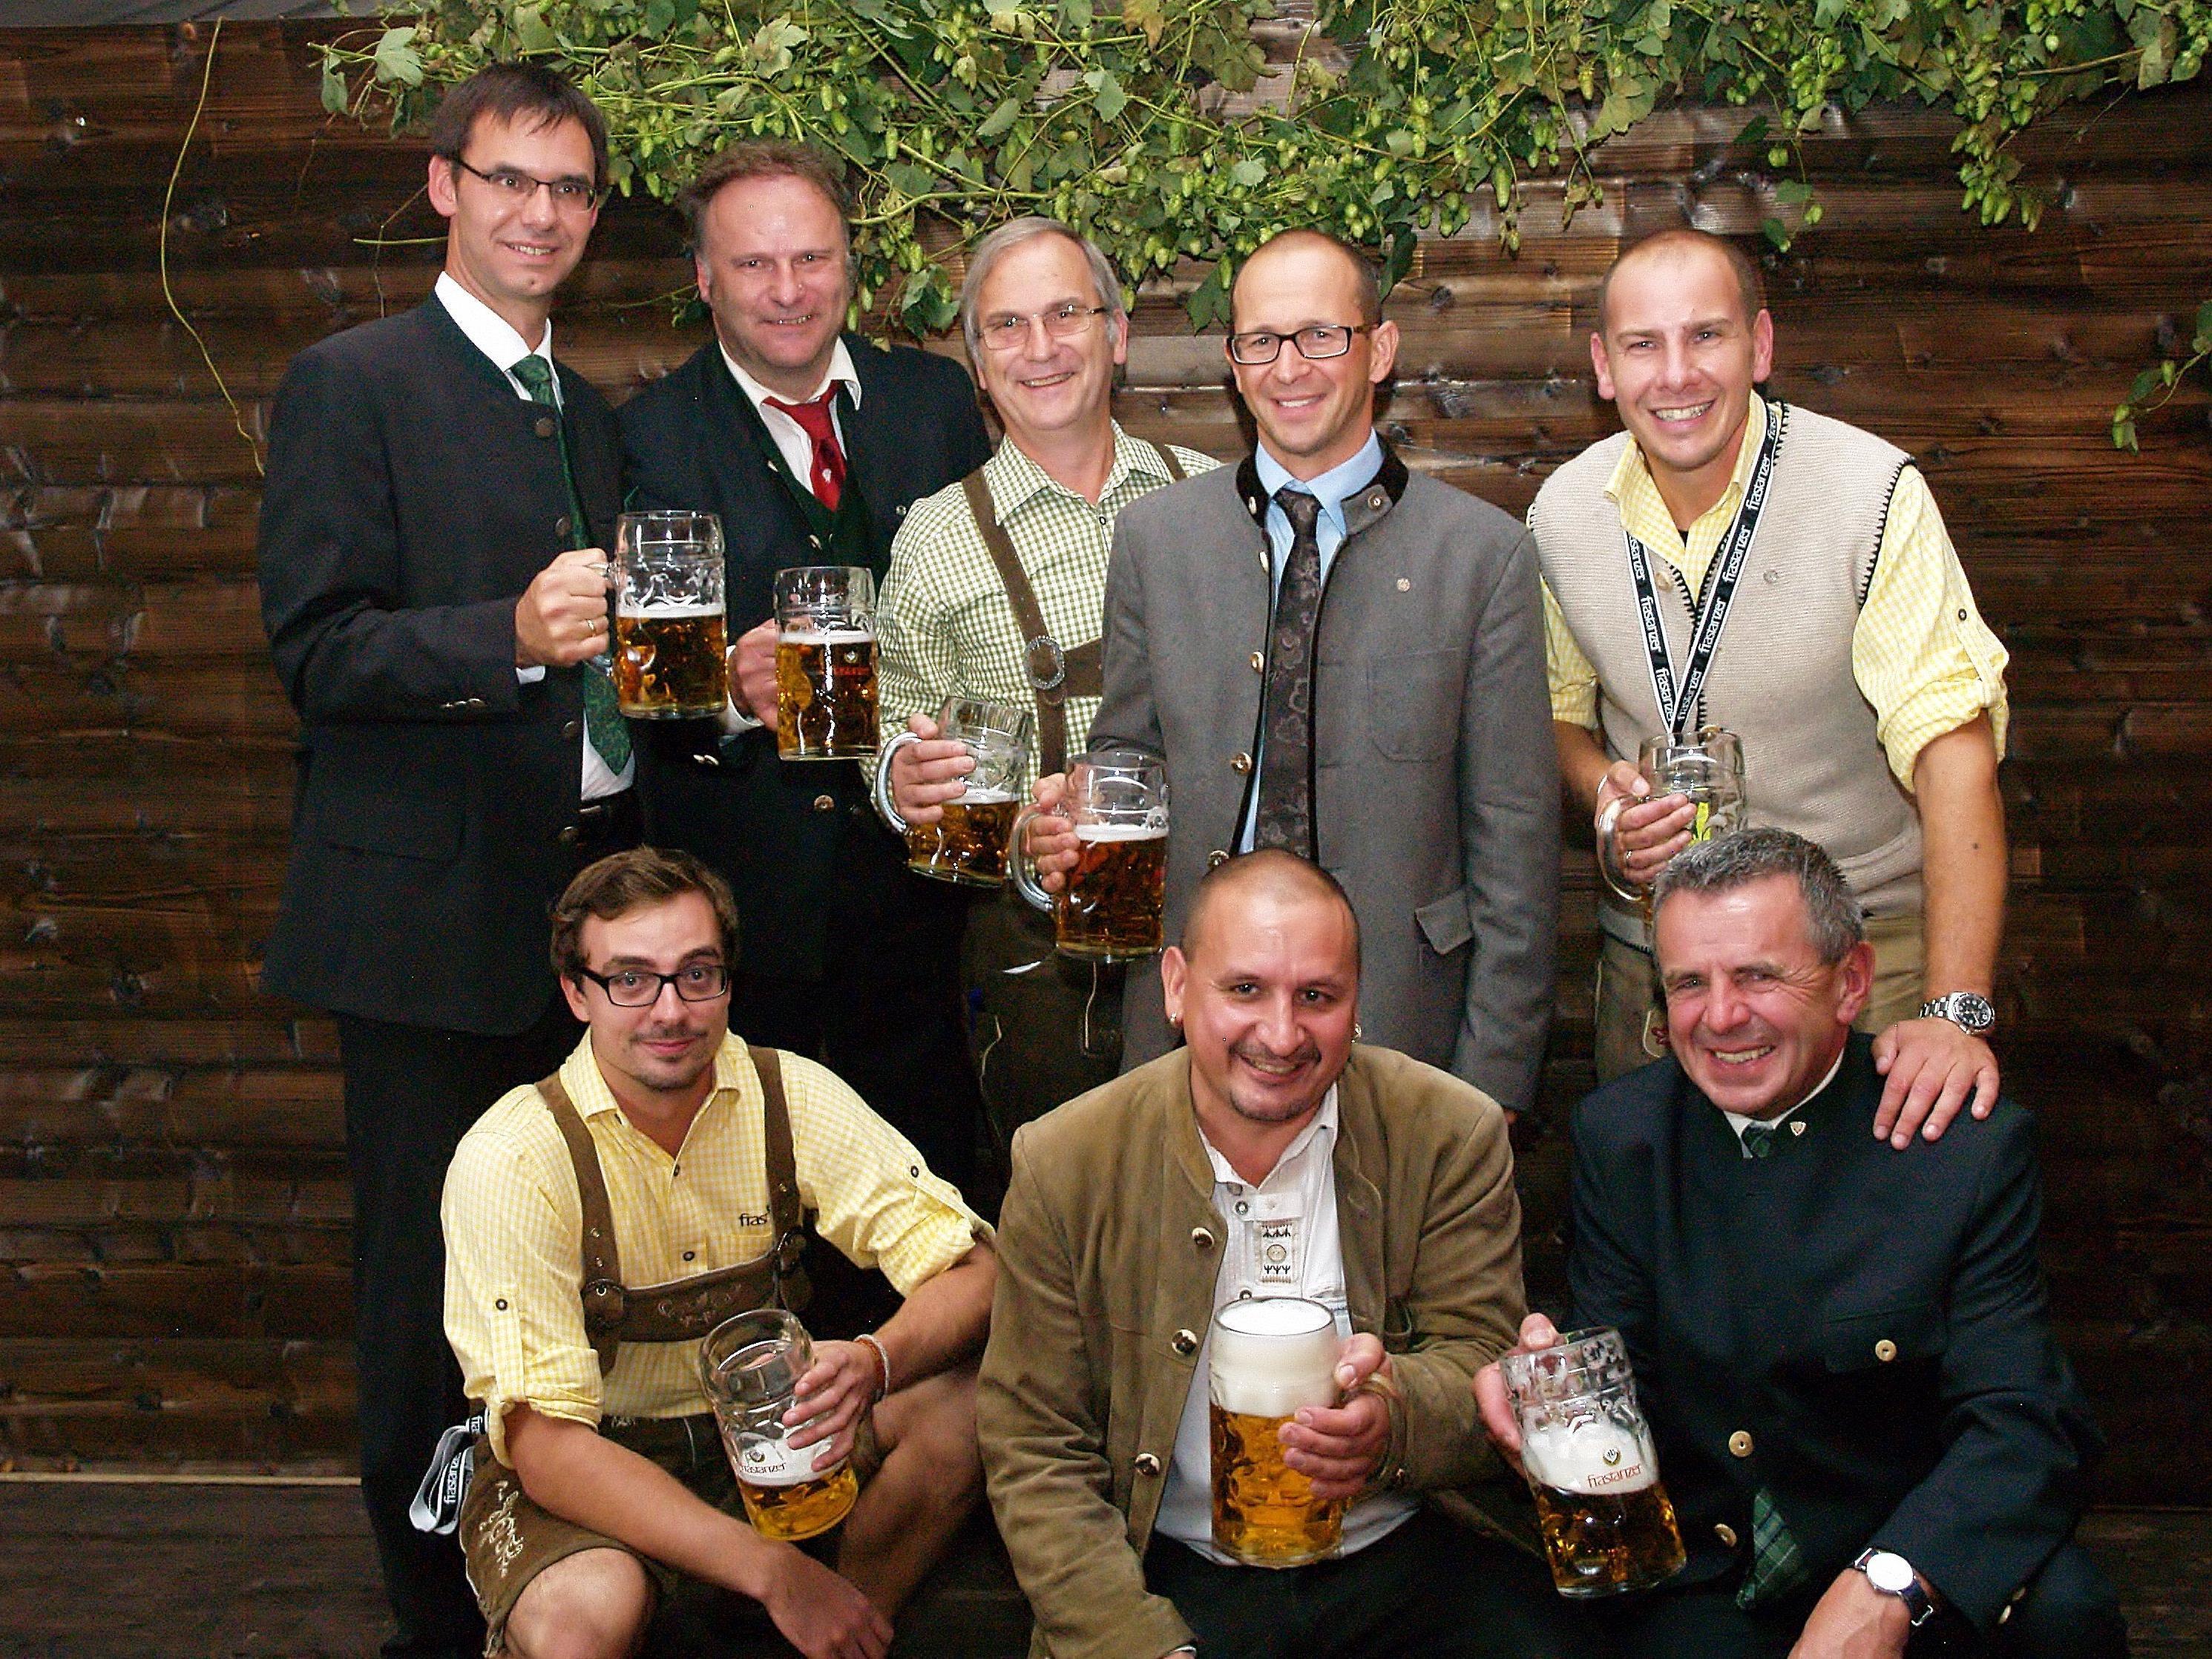 Landeshauptmann Markus Wallner und die Gastgeber der Brauerei Frastanz erfreuten sich am frisch gezapften Bockbier.